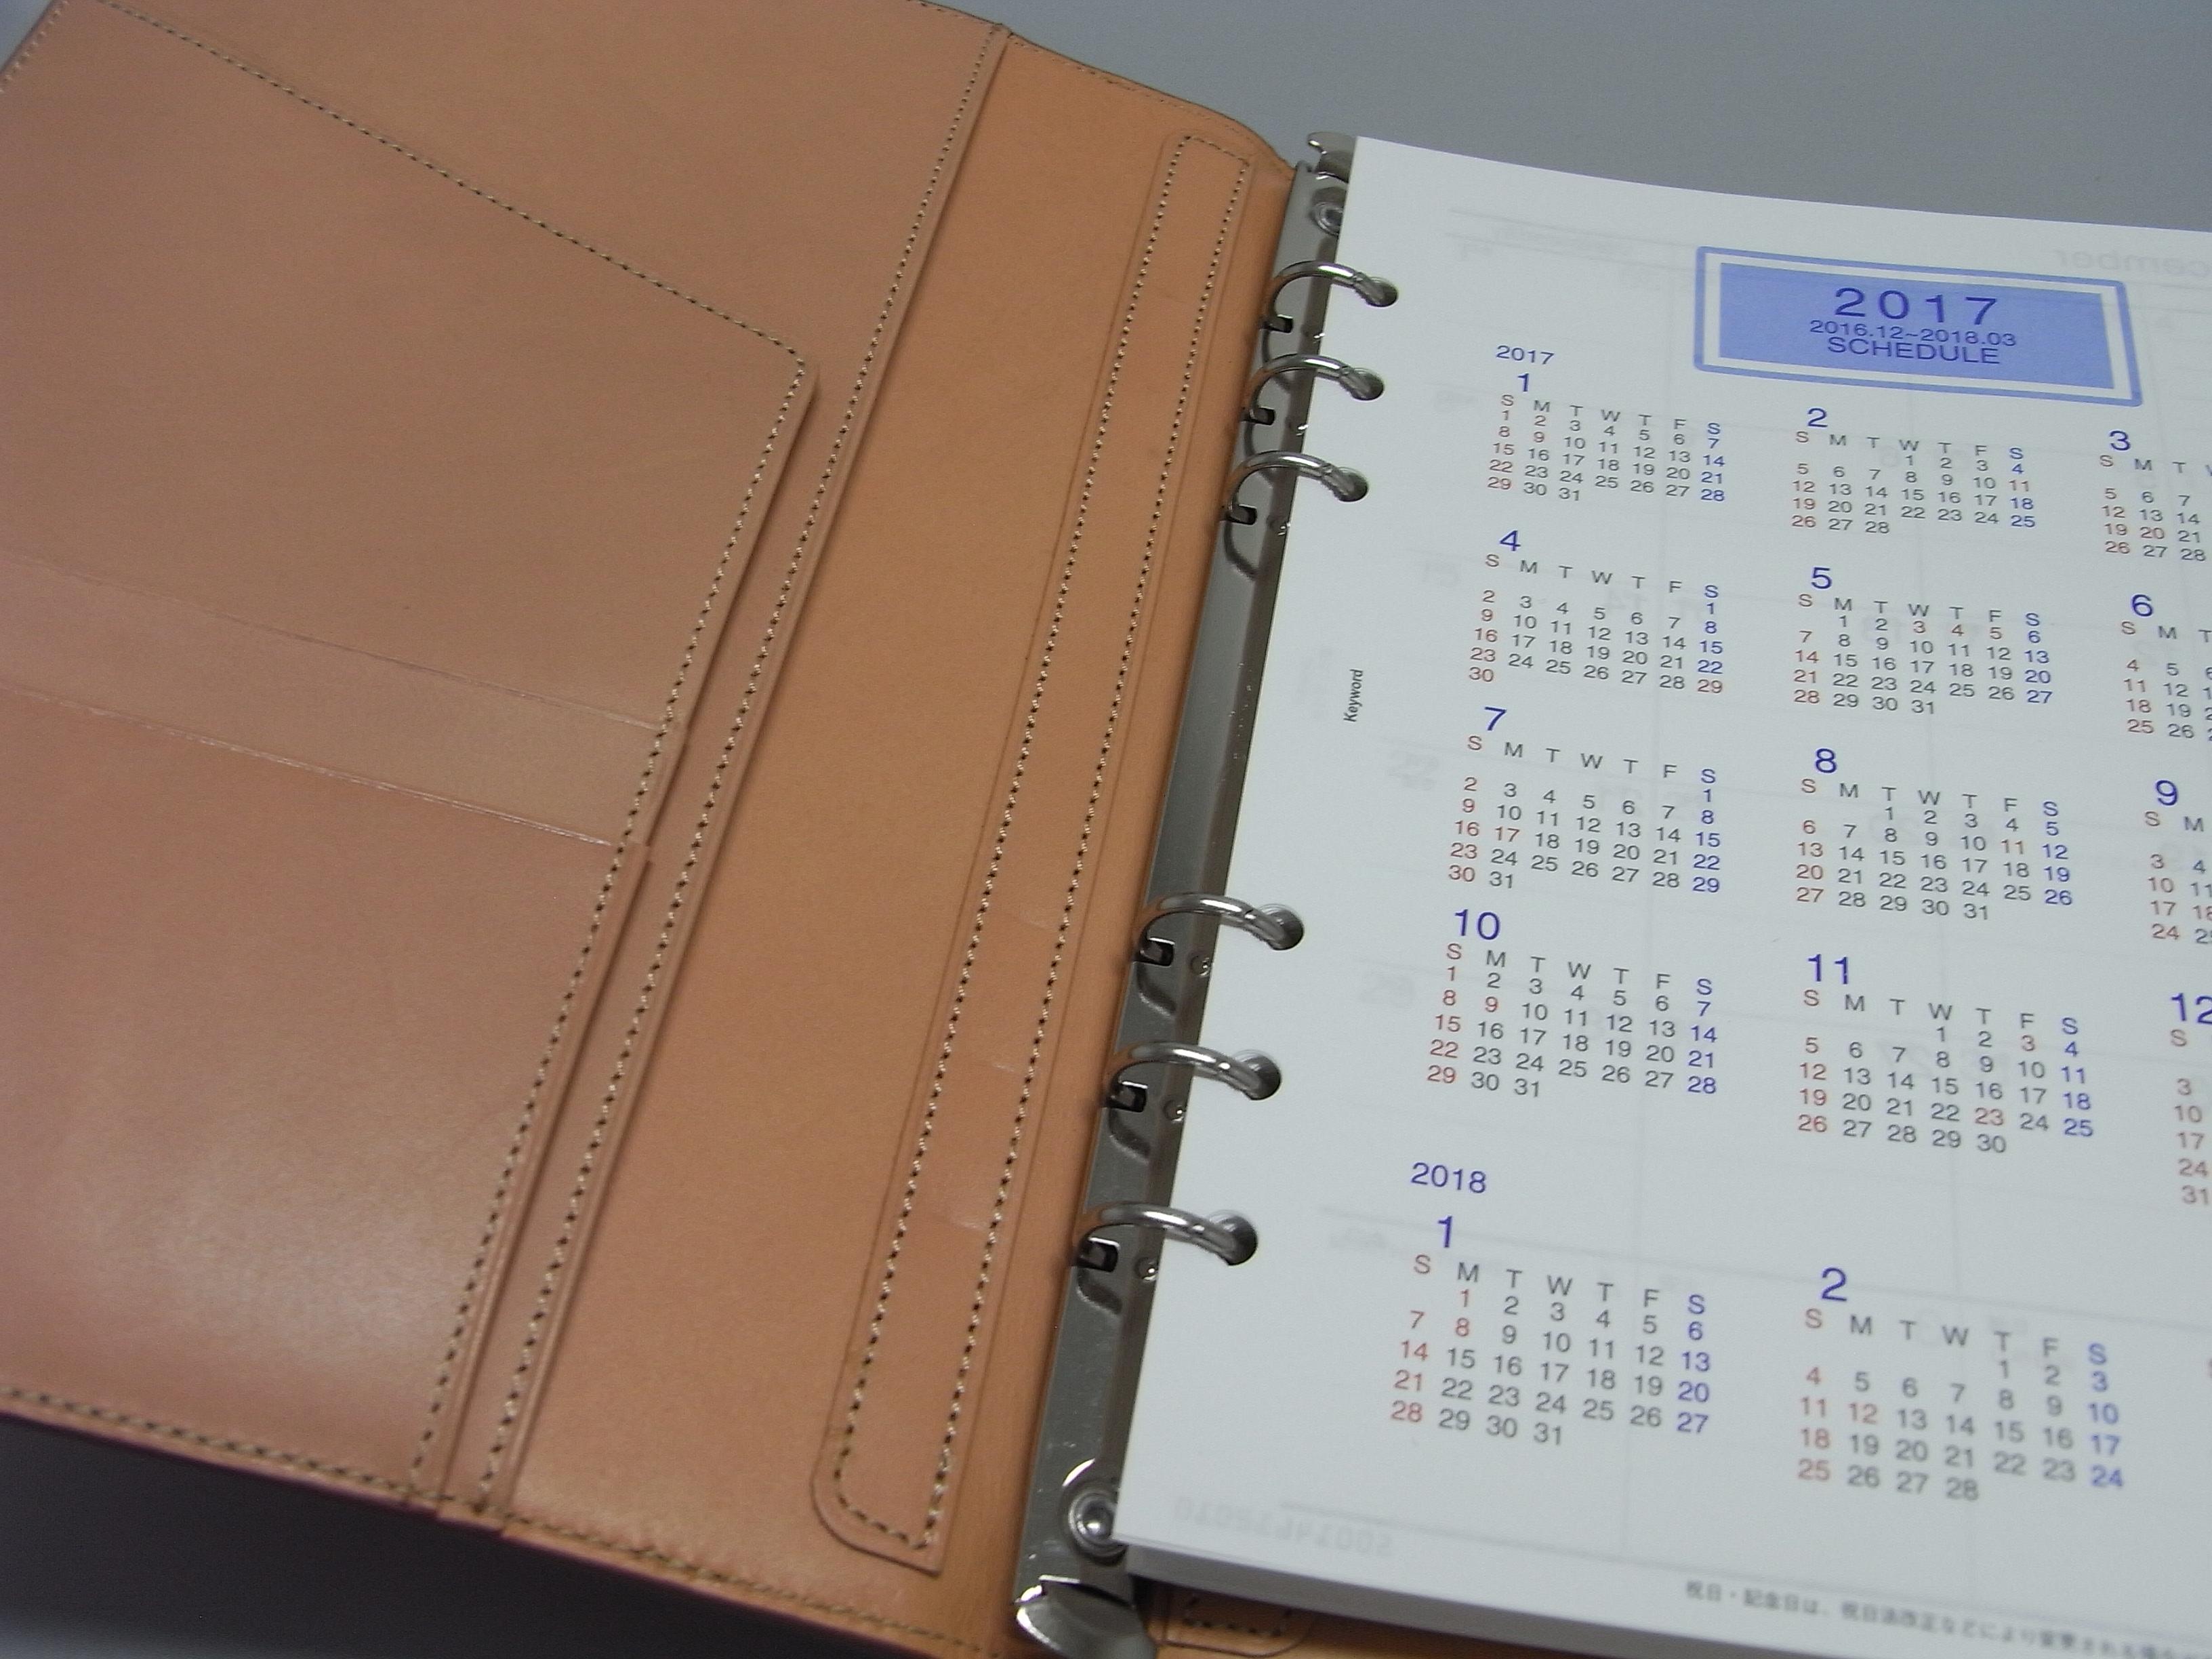 持つ喜びMAX!レイメイ藤井のダヴィンチ手帳に来年の予定は任せた!|行政書士阿部総合事務所